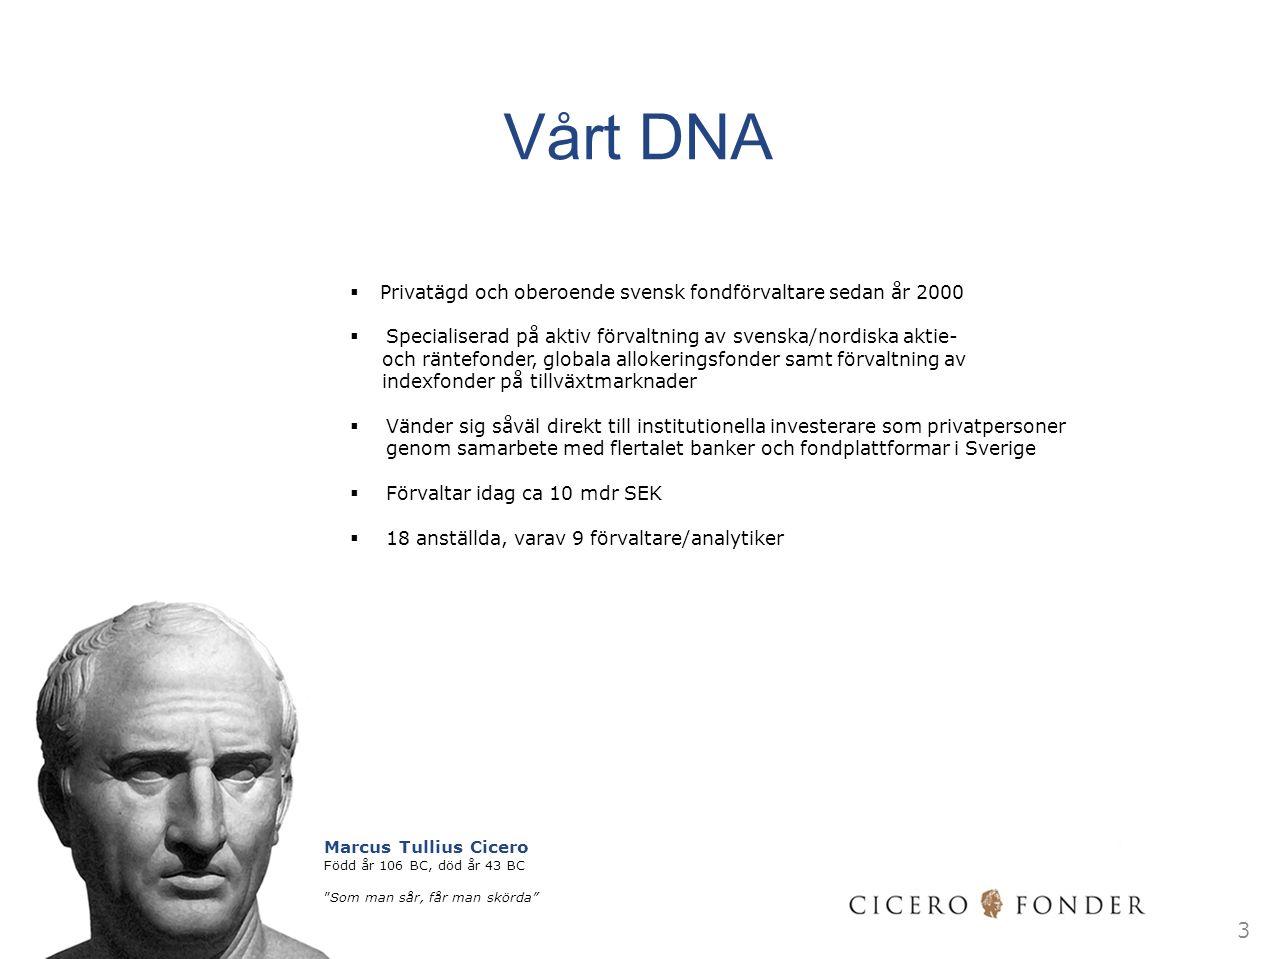 Vårt DNA  Privatägd och oberoende svensk fondförvaltare sedan år 2000  Specialiserad på aktiv förvaltning av svenska/nordiska aktie- och räntefonder, globala allokeringsfonder samt förvaltning av indexfonder på tillväxtmarknader  Vänder sig såväl direkt till institutionella investerare som privatpersoner genom samarbete med flertalet banker och fondplattformar i Sverige  Förvaltar idag ca 10 mdr SEK  18 anställda, varav 9 förvaltare/analytiker 3 Marcus Tullius Cicero Född år 106 BC, död år 43 BC Som man sår, får man skörda